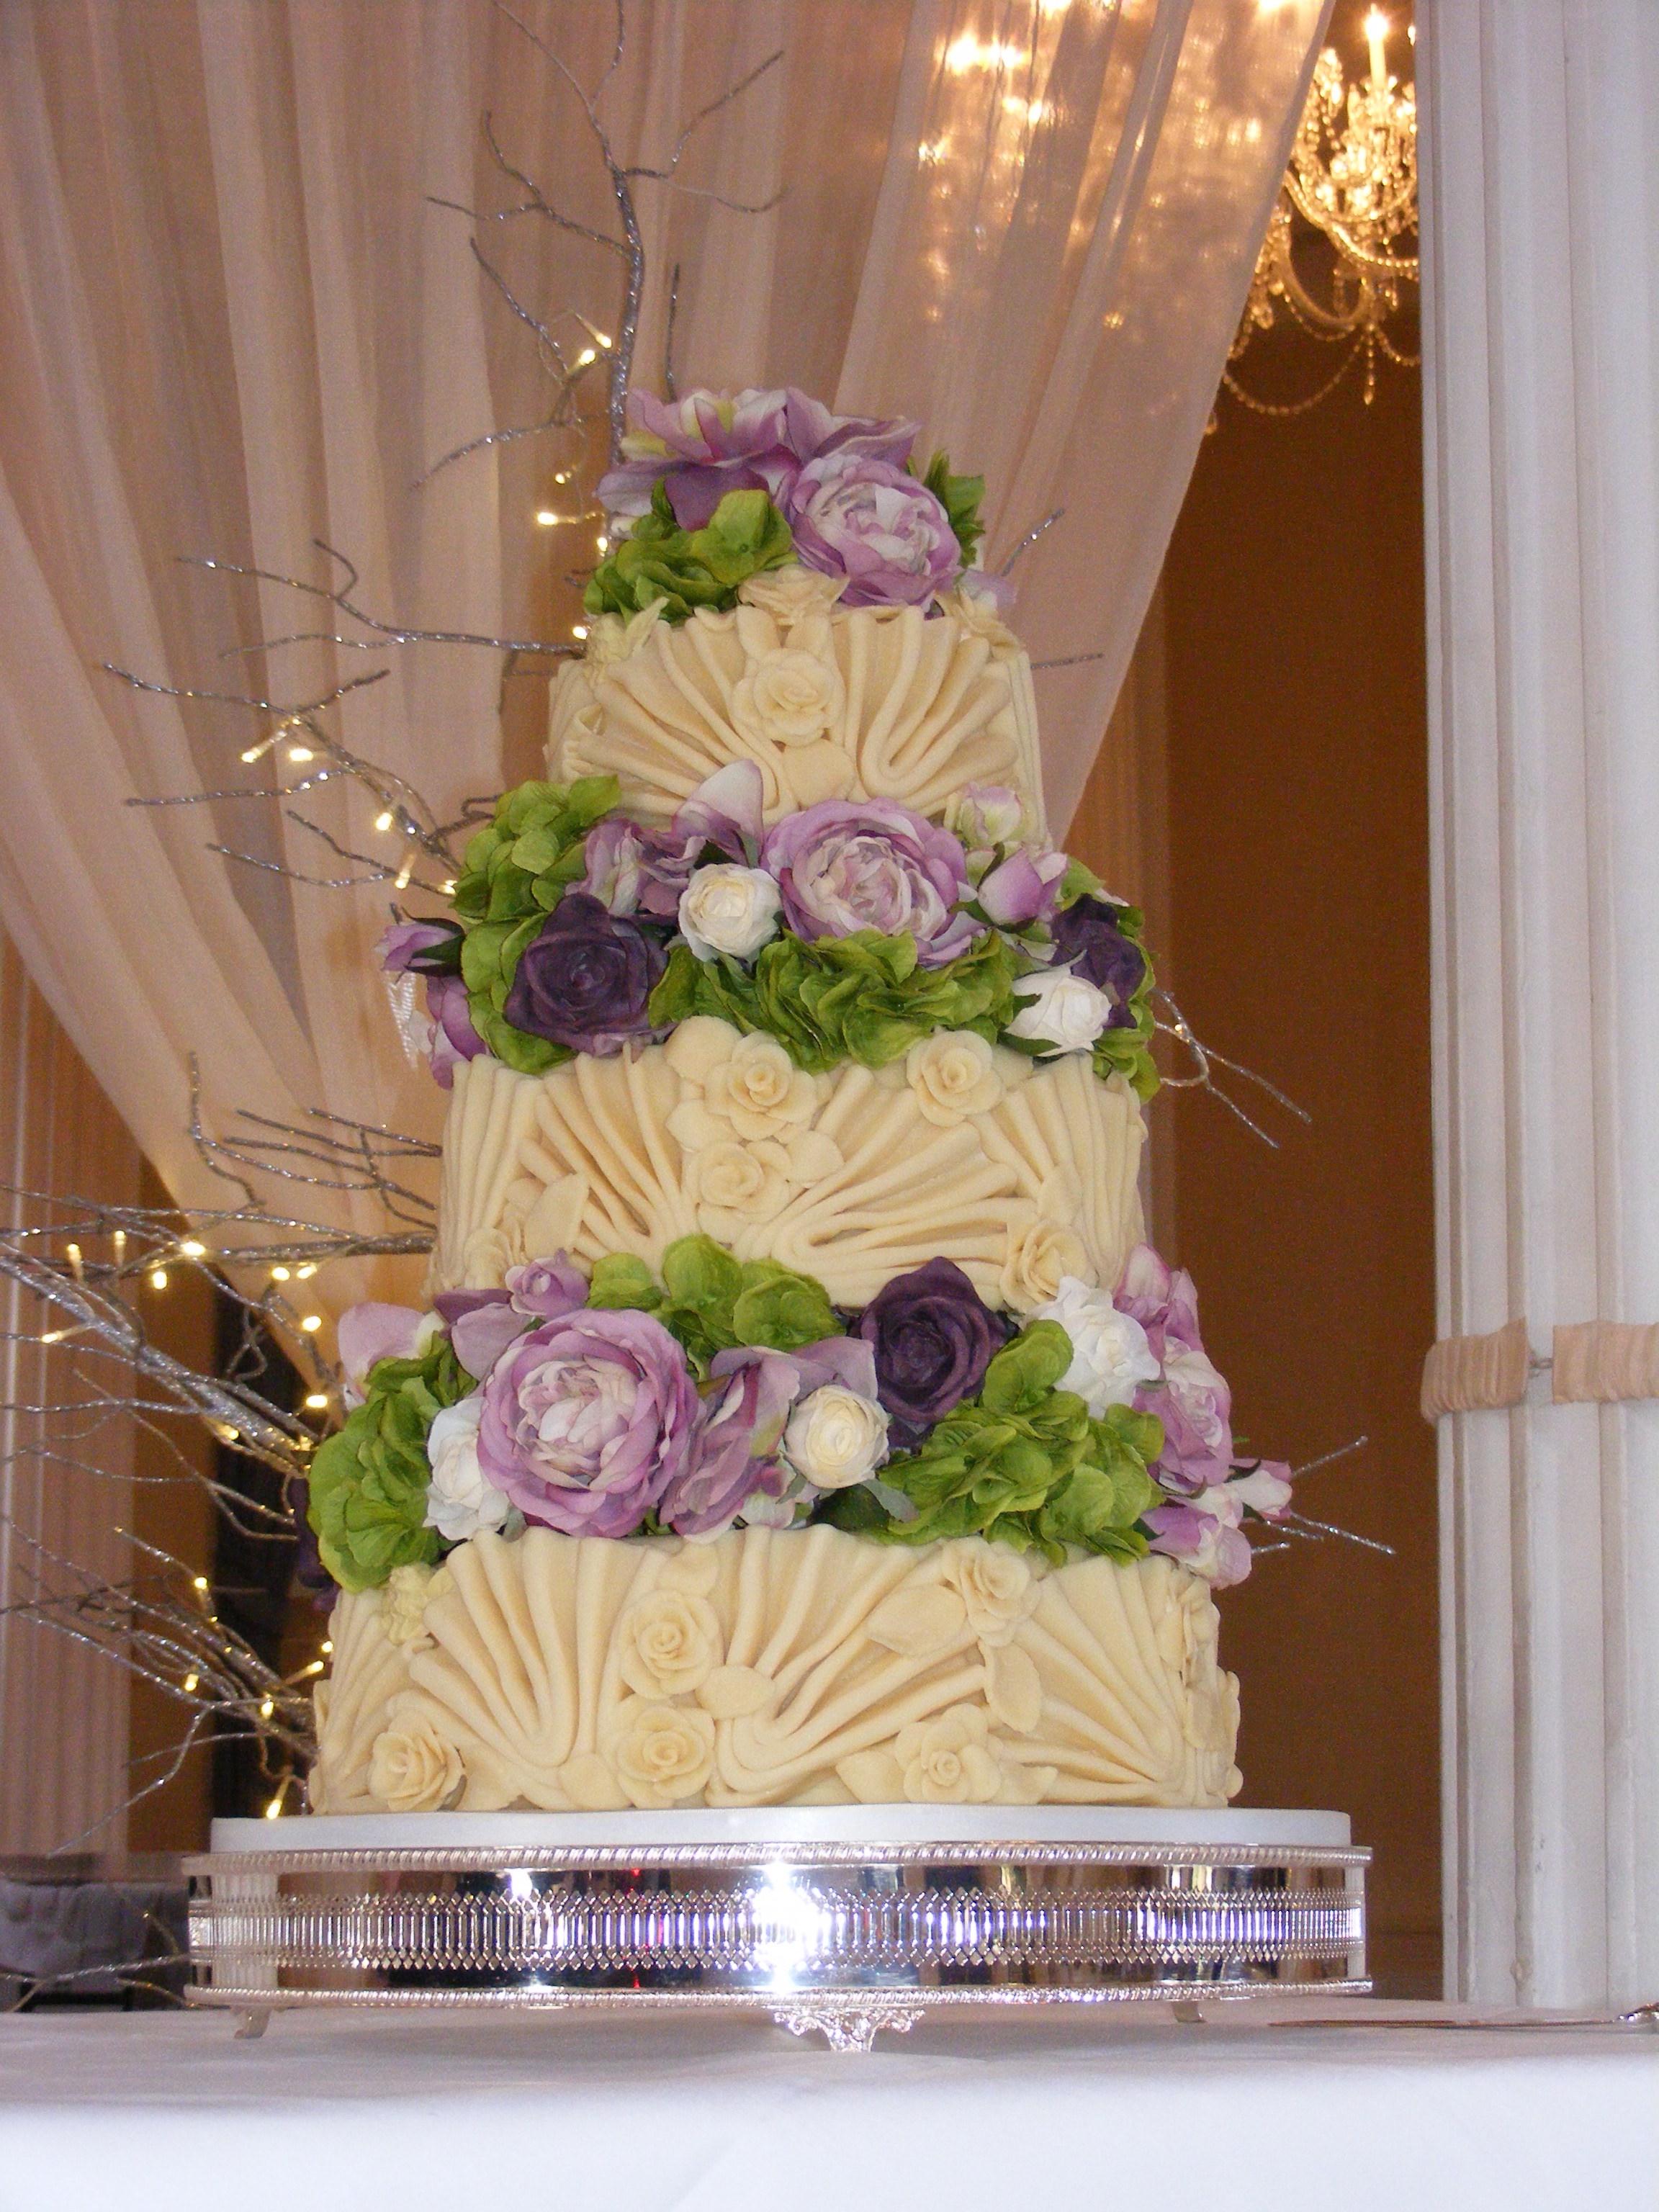 Choc Fantasia Wedding Cake